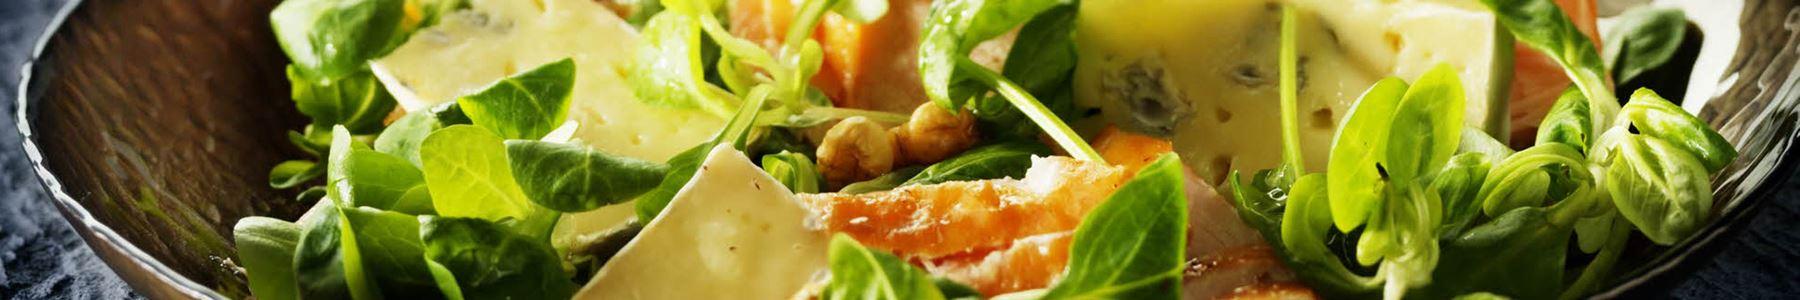 Salater + Varmrøget laks